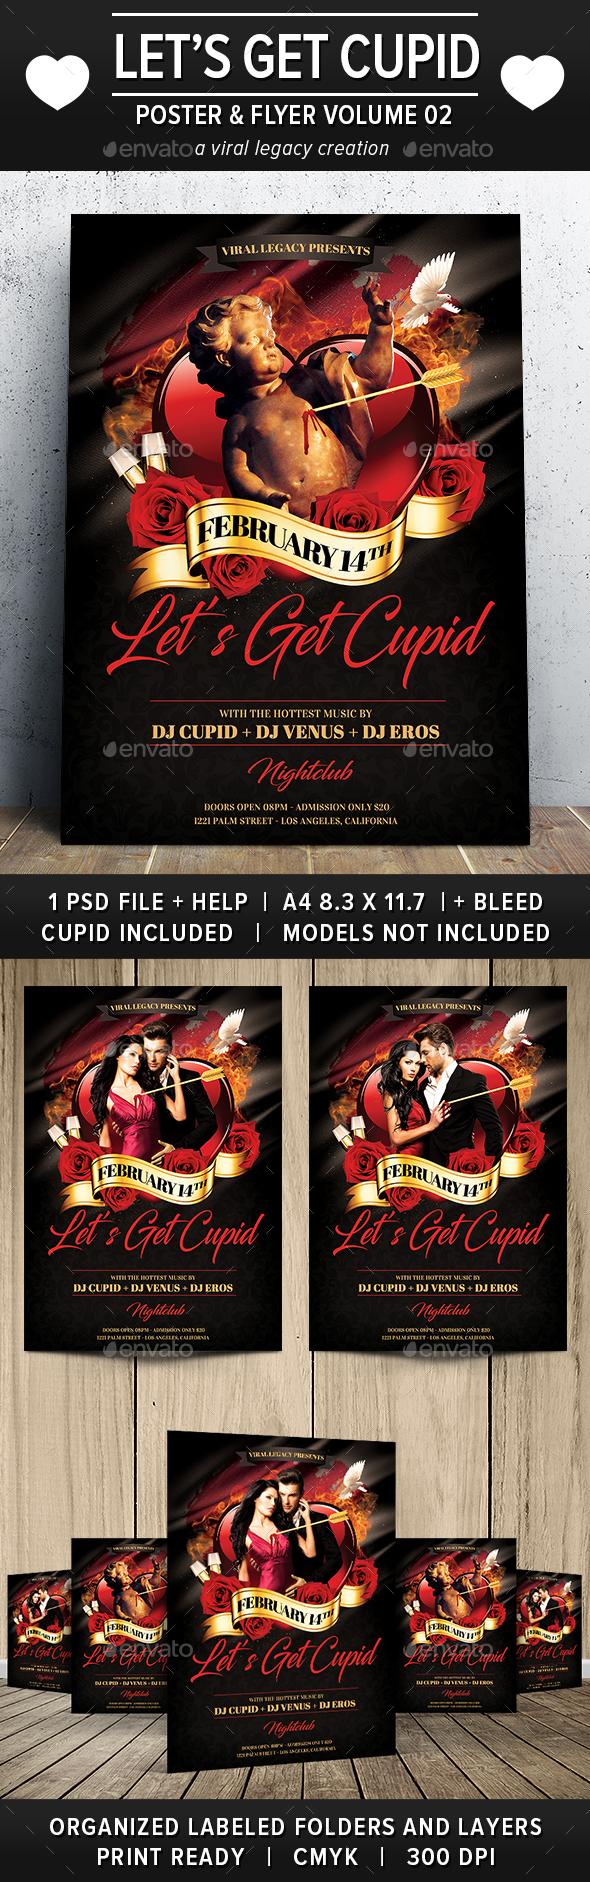 Valentine Let's Get Cupid Poster / Flyer V02 - Flyers Print Templates